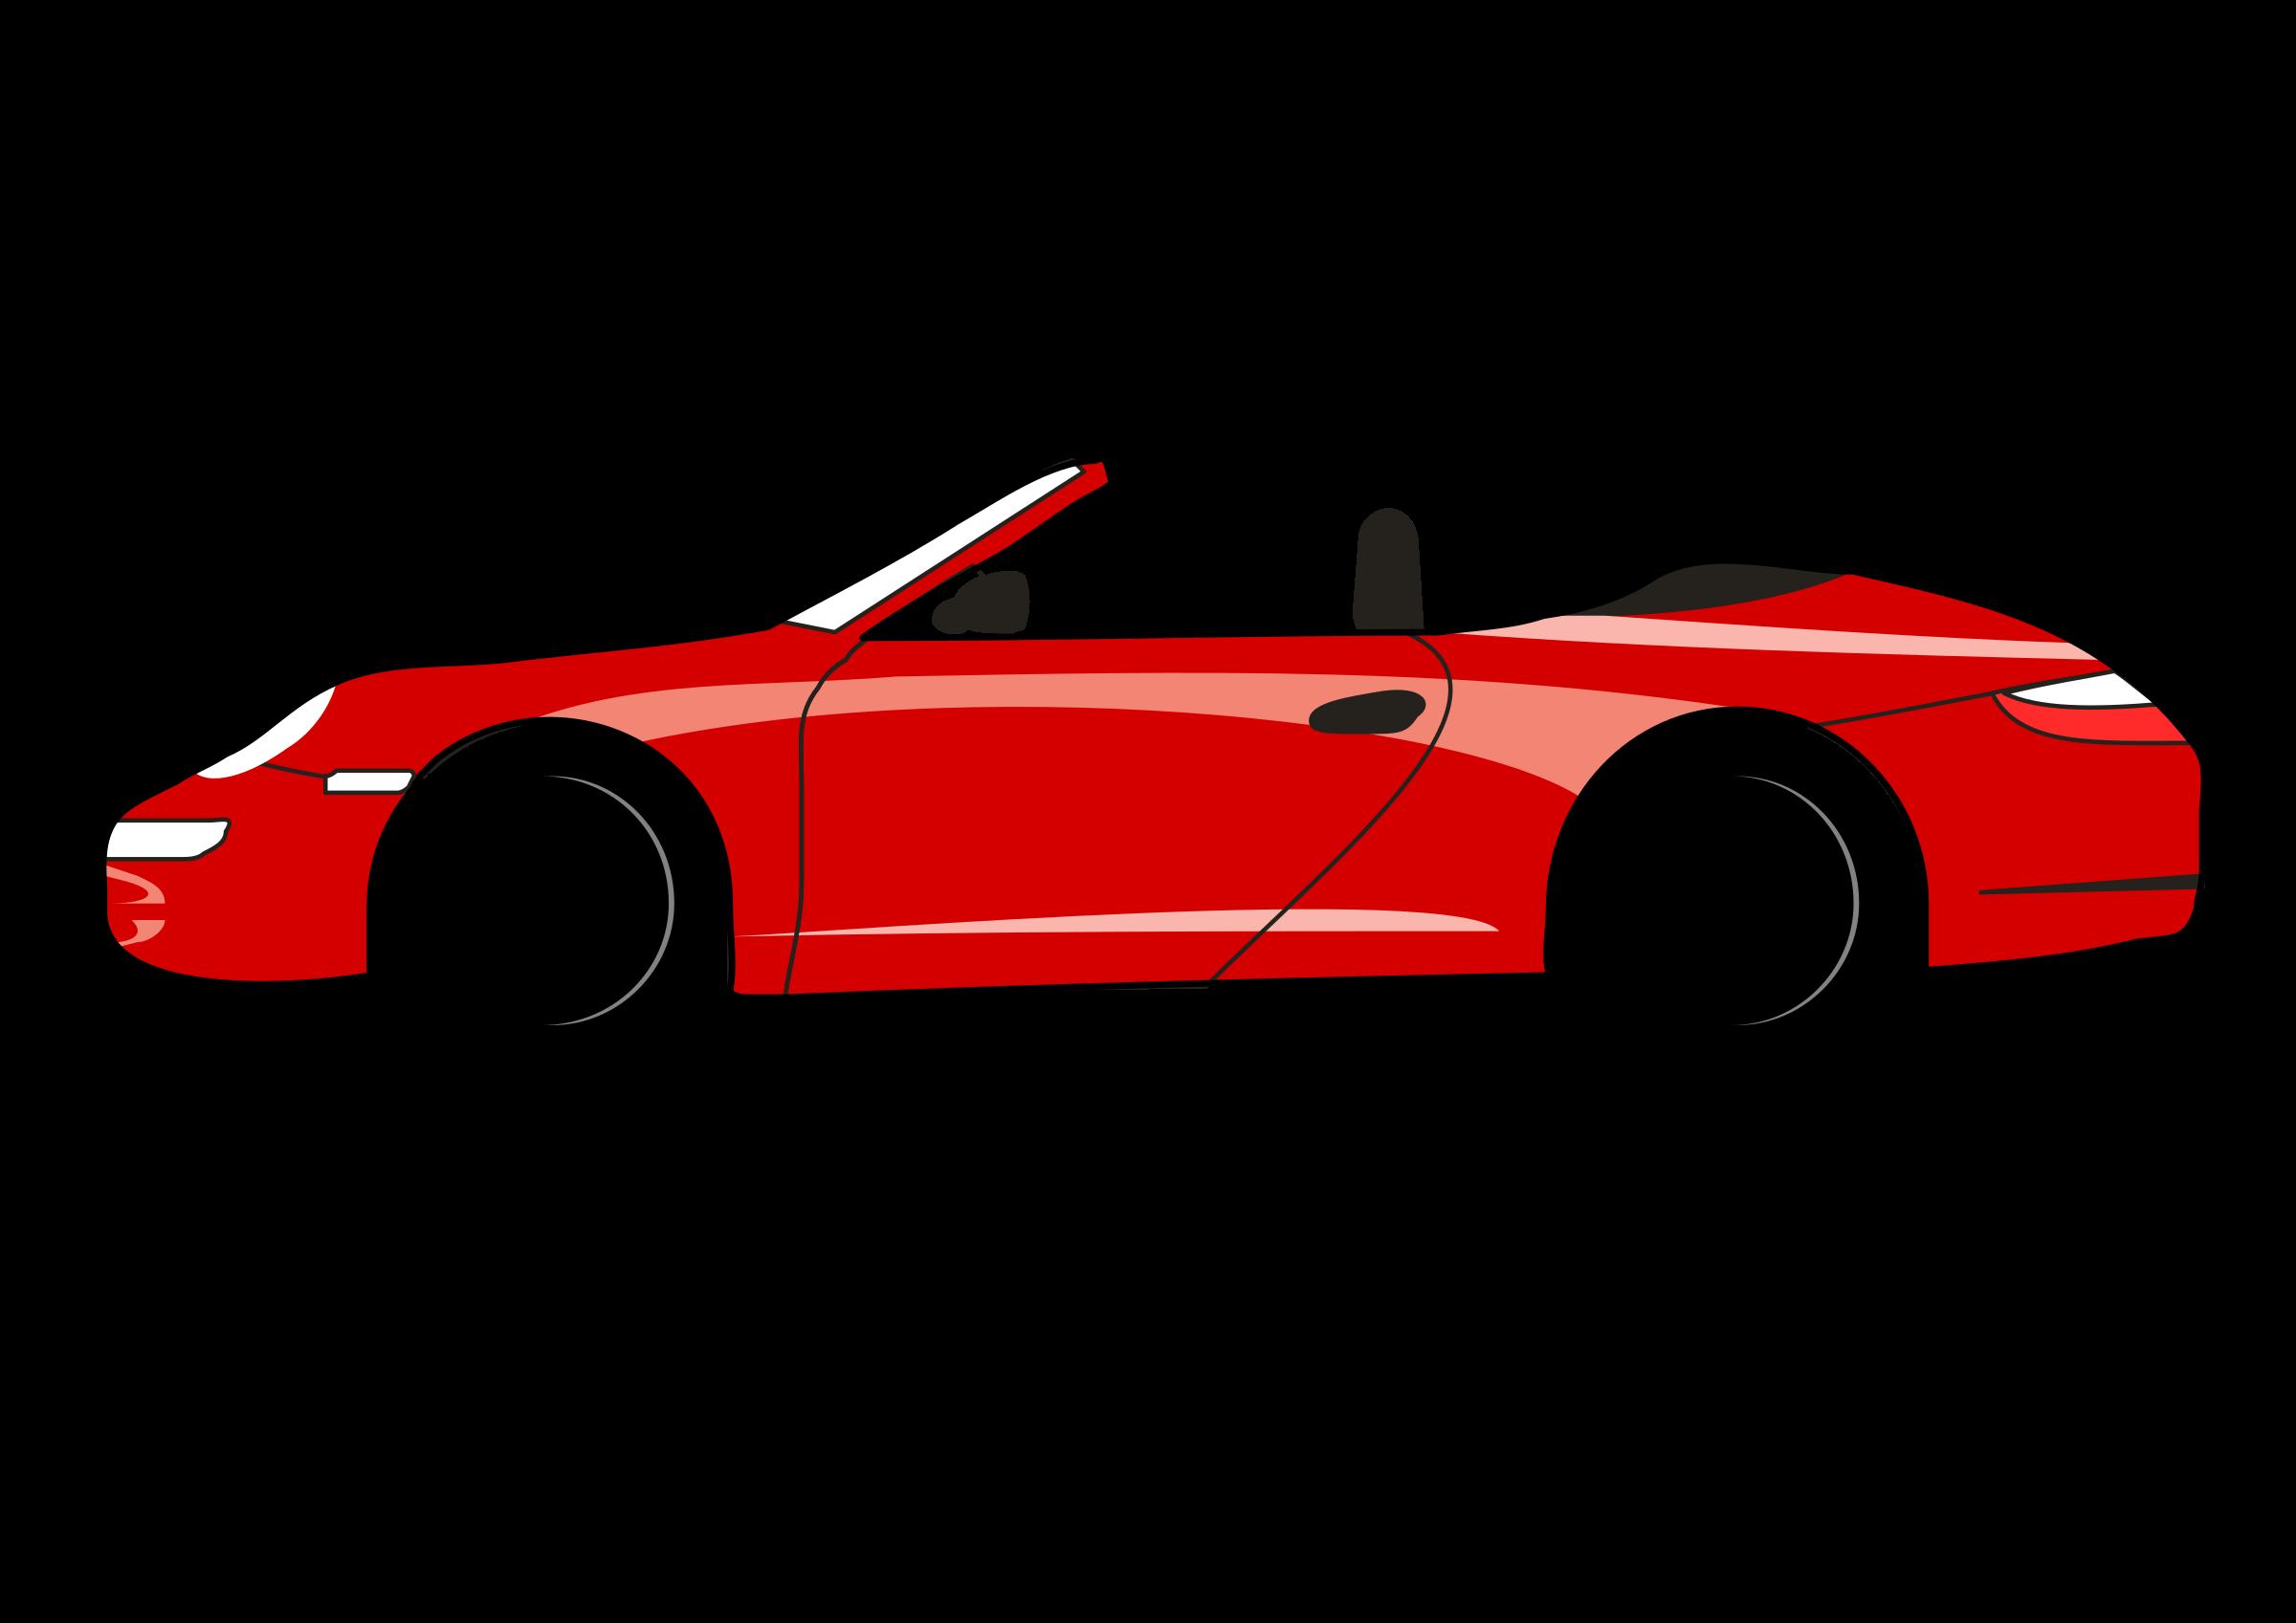 Ferarri clipart porsche Carrera Clipart Carrera form form